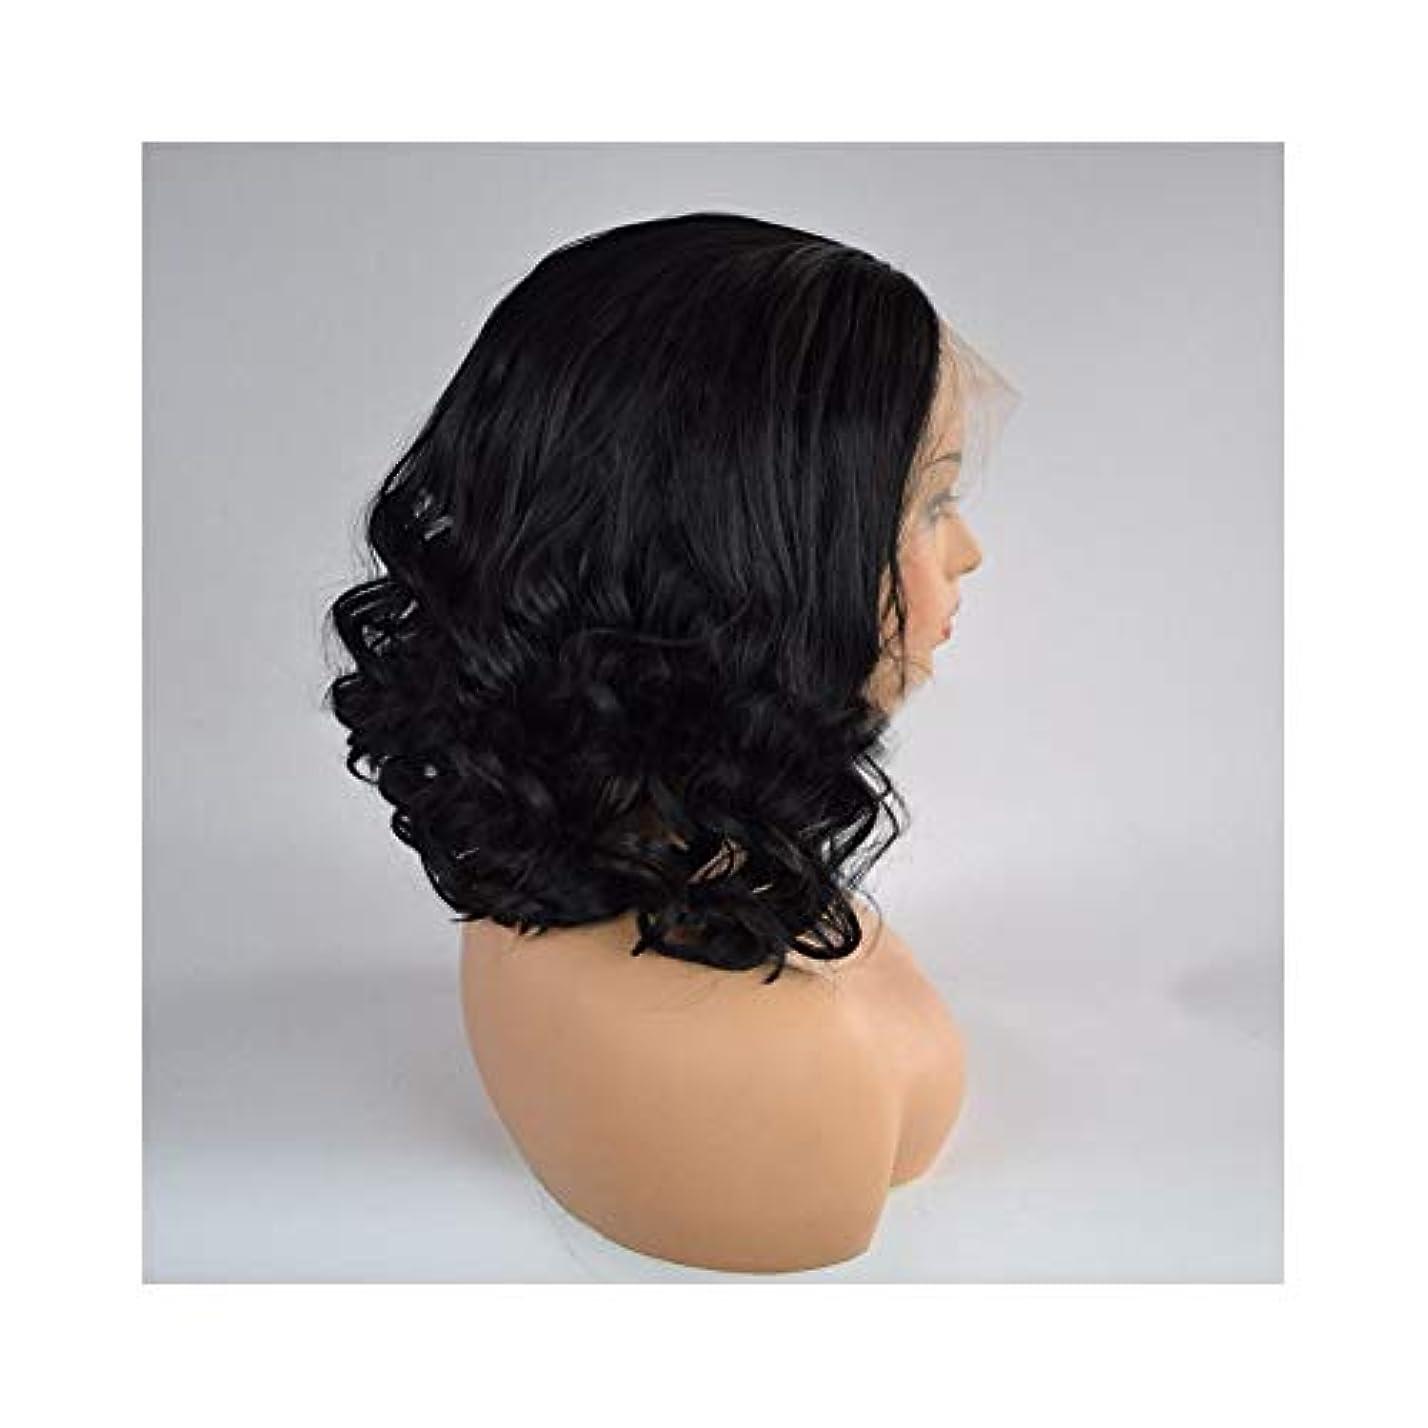 生き残りますお香肺炎YOUQIU 女性のかつらのためにショートボブレースフロントウィッグウェーブ髪の耐熱性繊維中東別れ (色 : 黒)